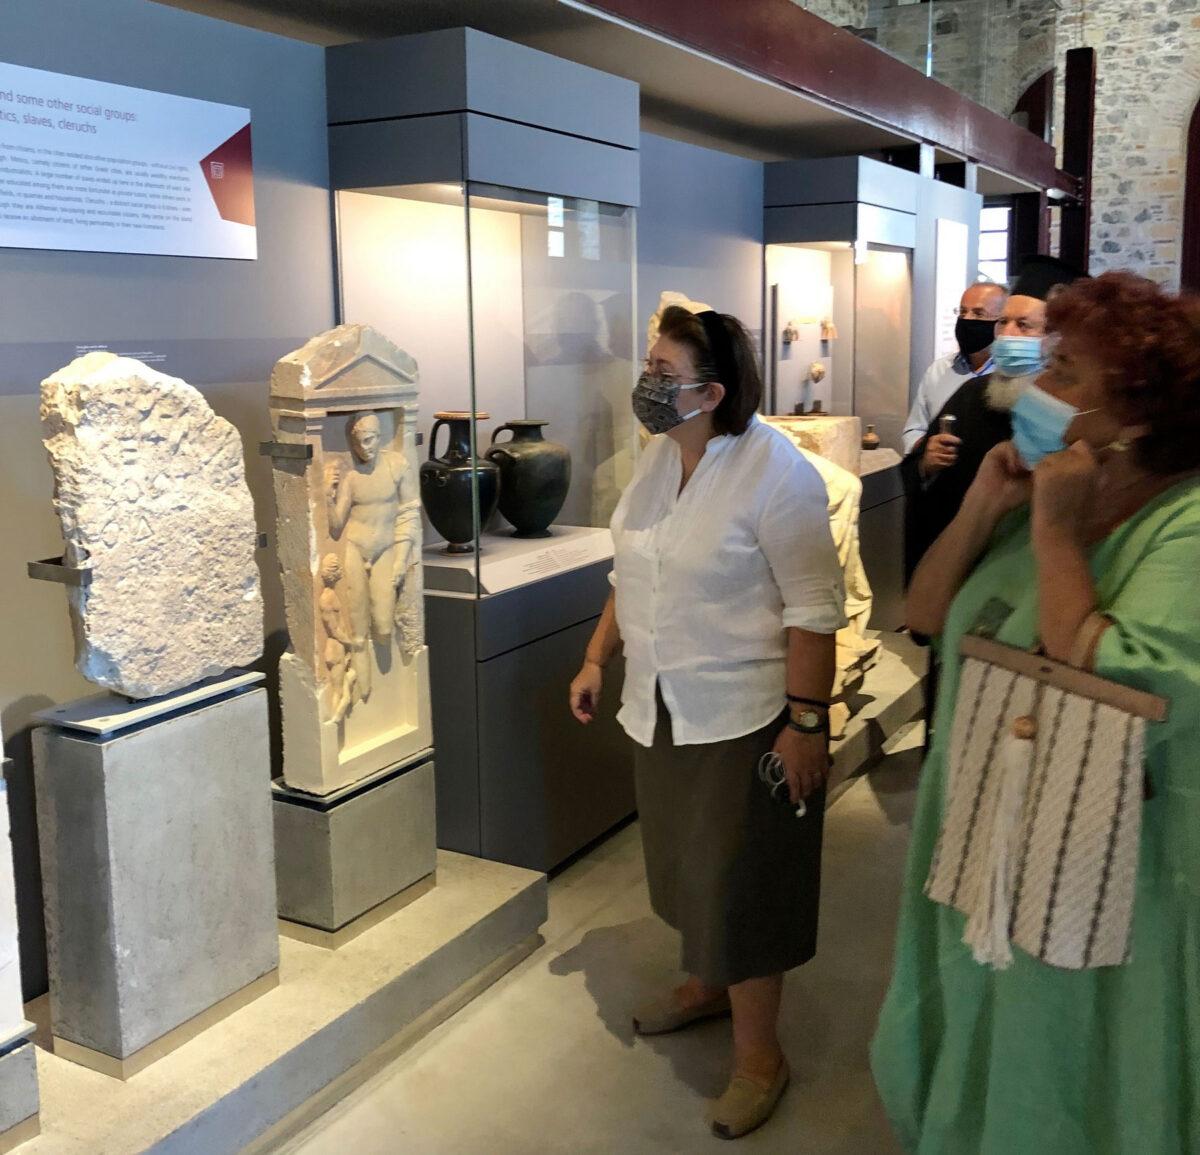 Η Υπουργός Πολιτισμού Λίνα Μενδώνη και η Έφορος Αρχαιοτήτων Εύβοιας Αγγελική Σίμωσι, στο Μουσείο «Αρέθουσα» (φωτ.: ΥΠΠΟΑ).